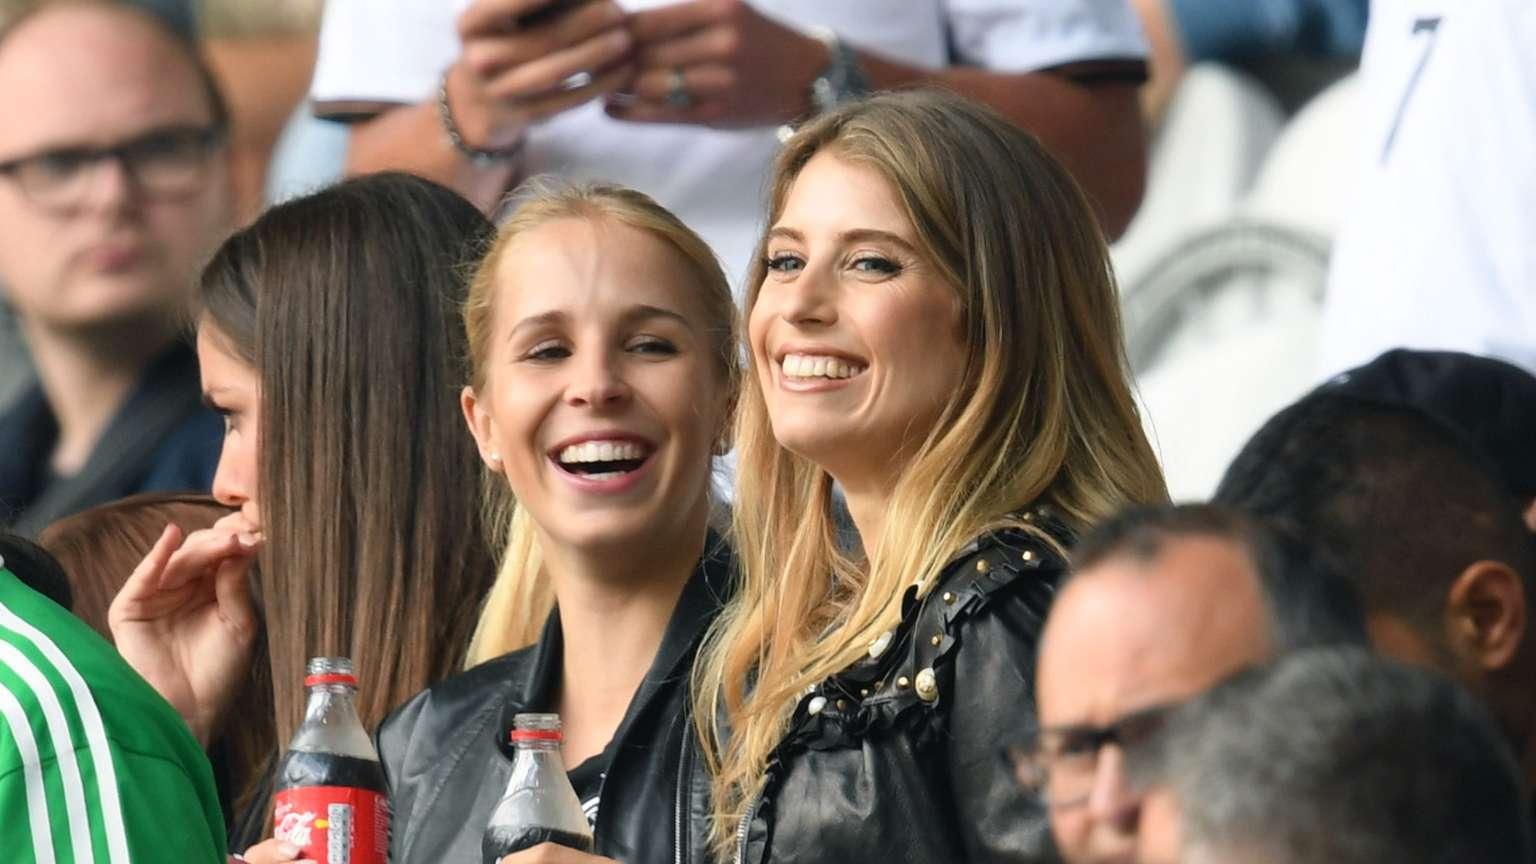 EM 2016: Manuel Neuer stellt Rekord auf - Freundin Nina